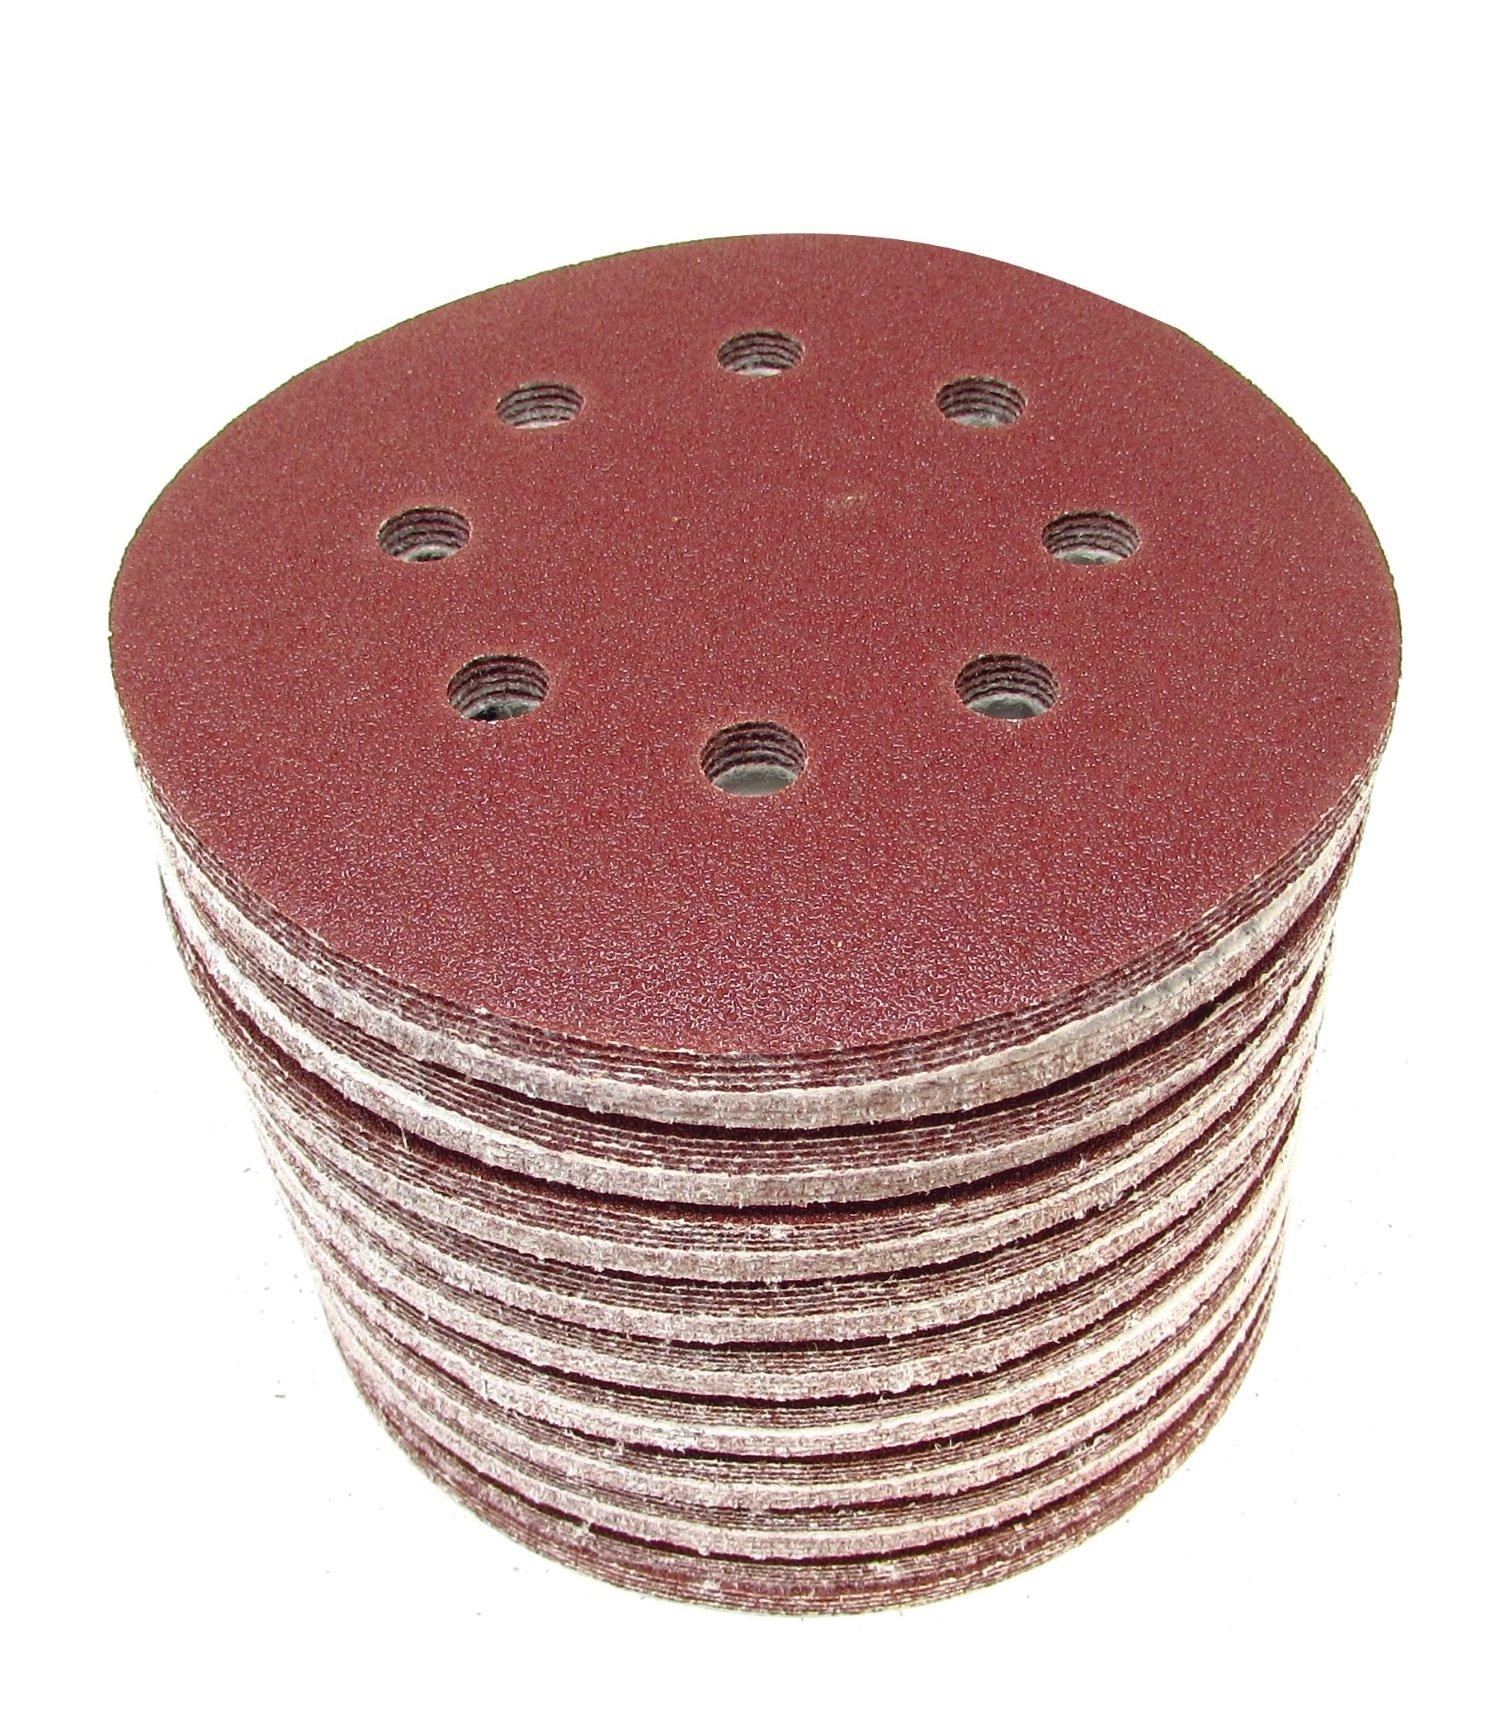 100 Pack Sanding Discs, 40 Grit, 5 Inch, 8 Holes, Hook and Loop Backing for Orbital Sanders